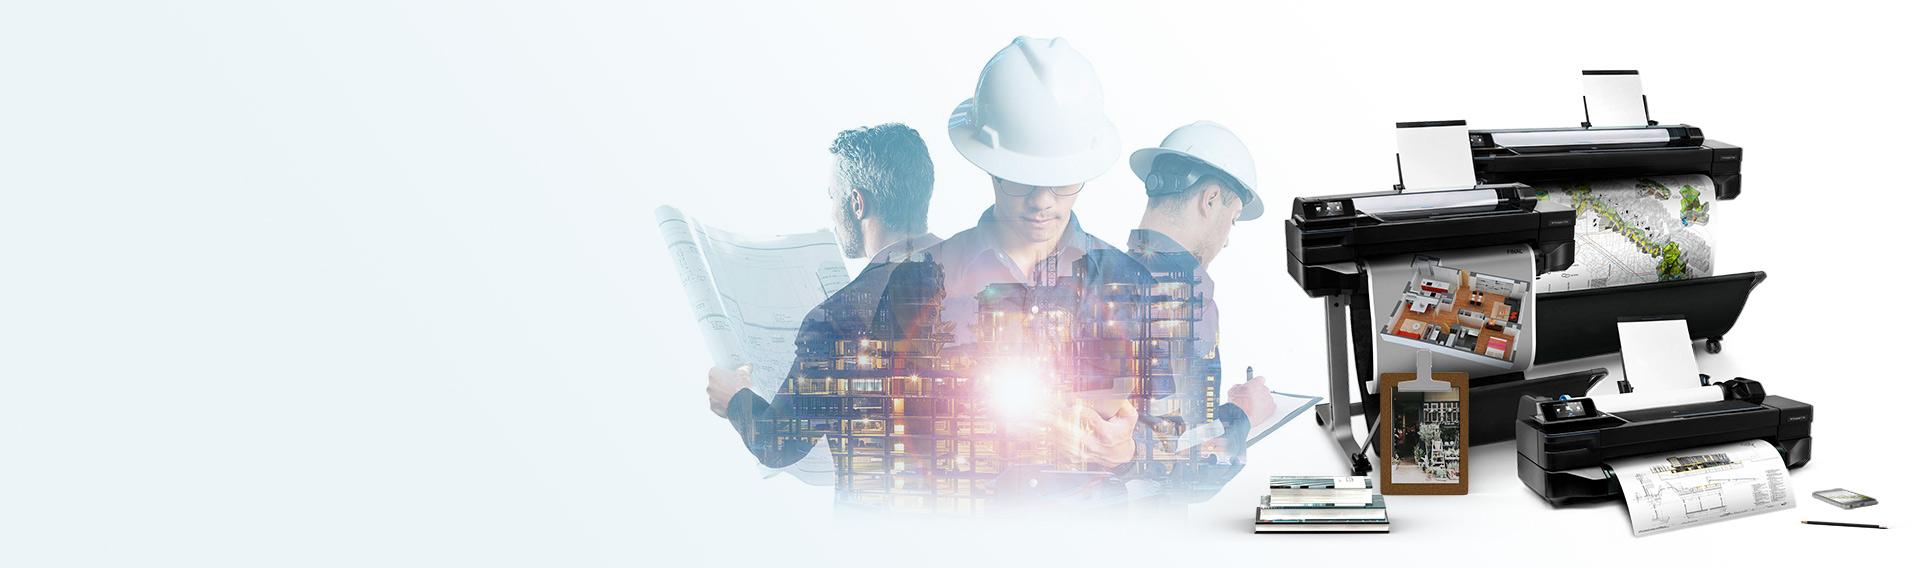 La inversión inteligente para tu empresa